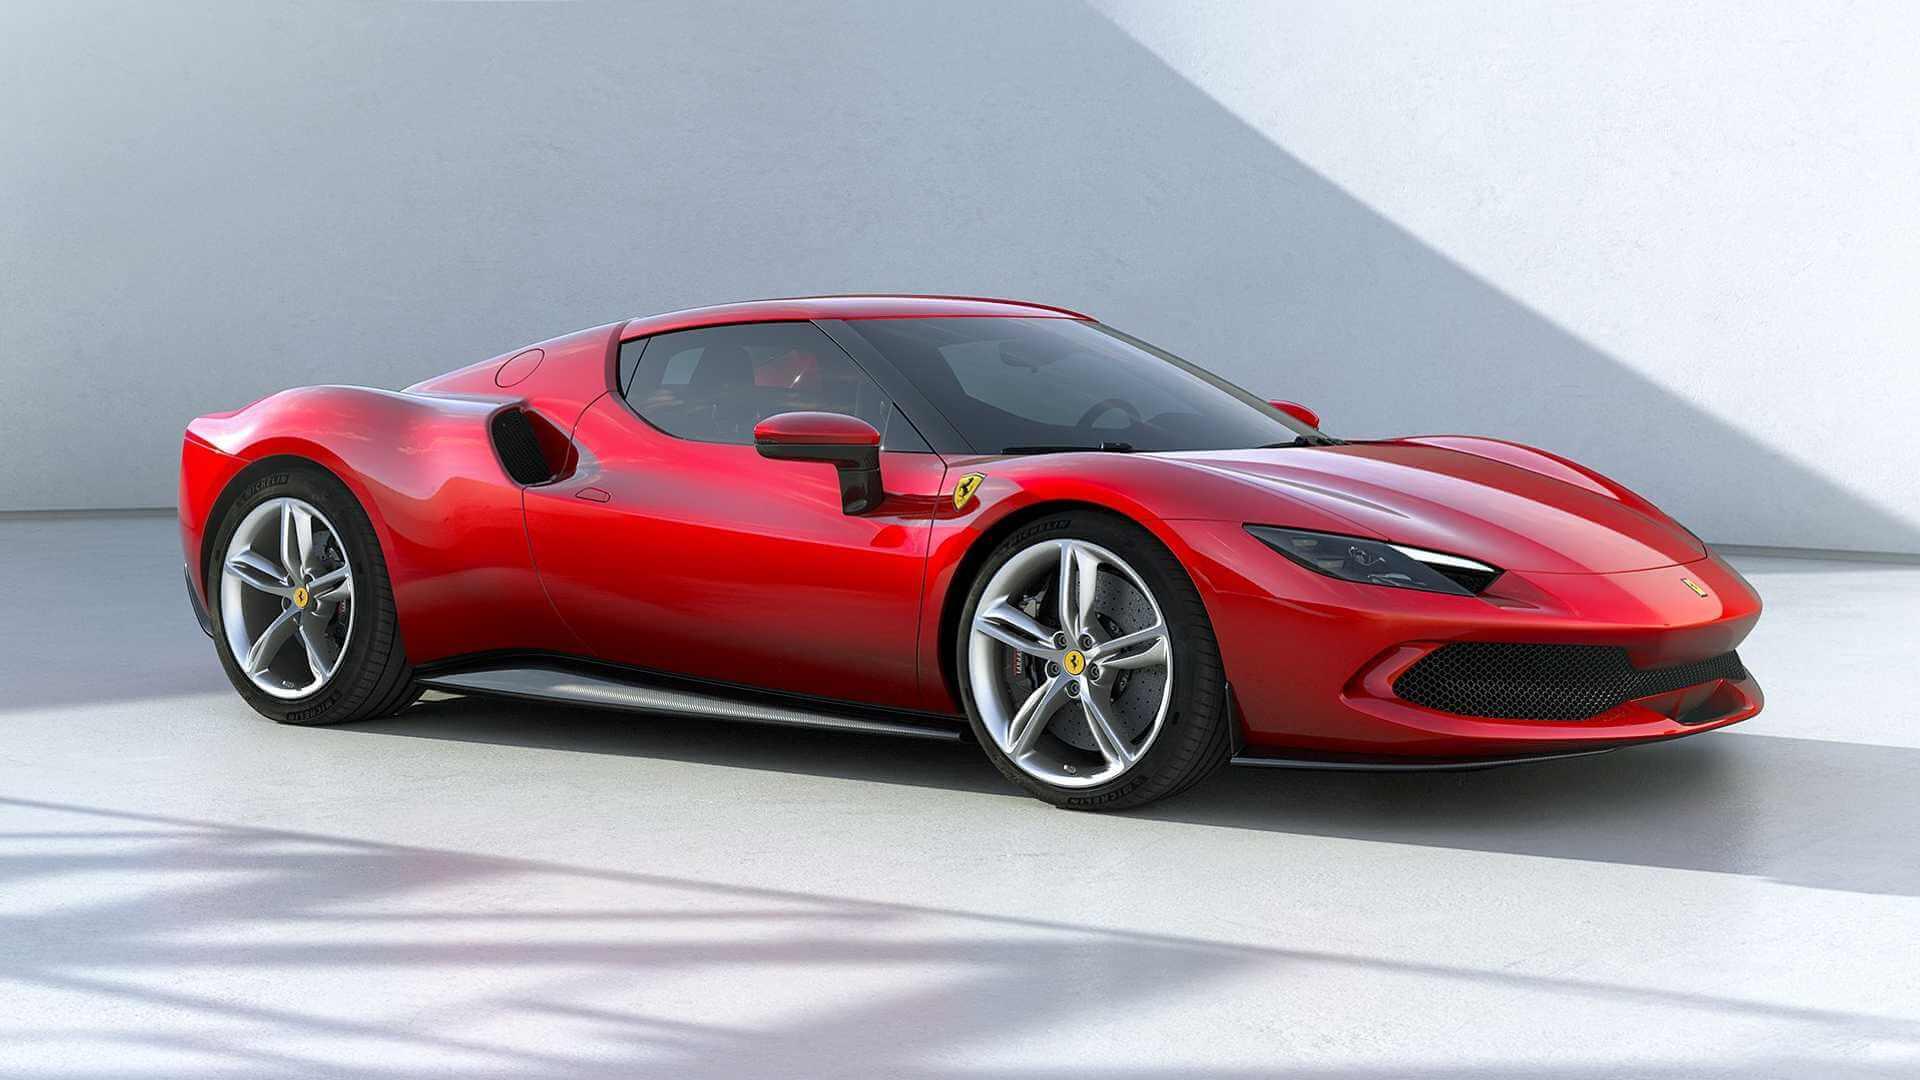 Ferrari представила 830-сильный плагин-гибрид 296GTB